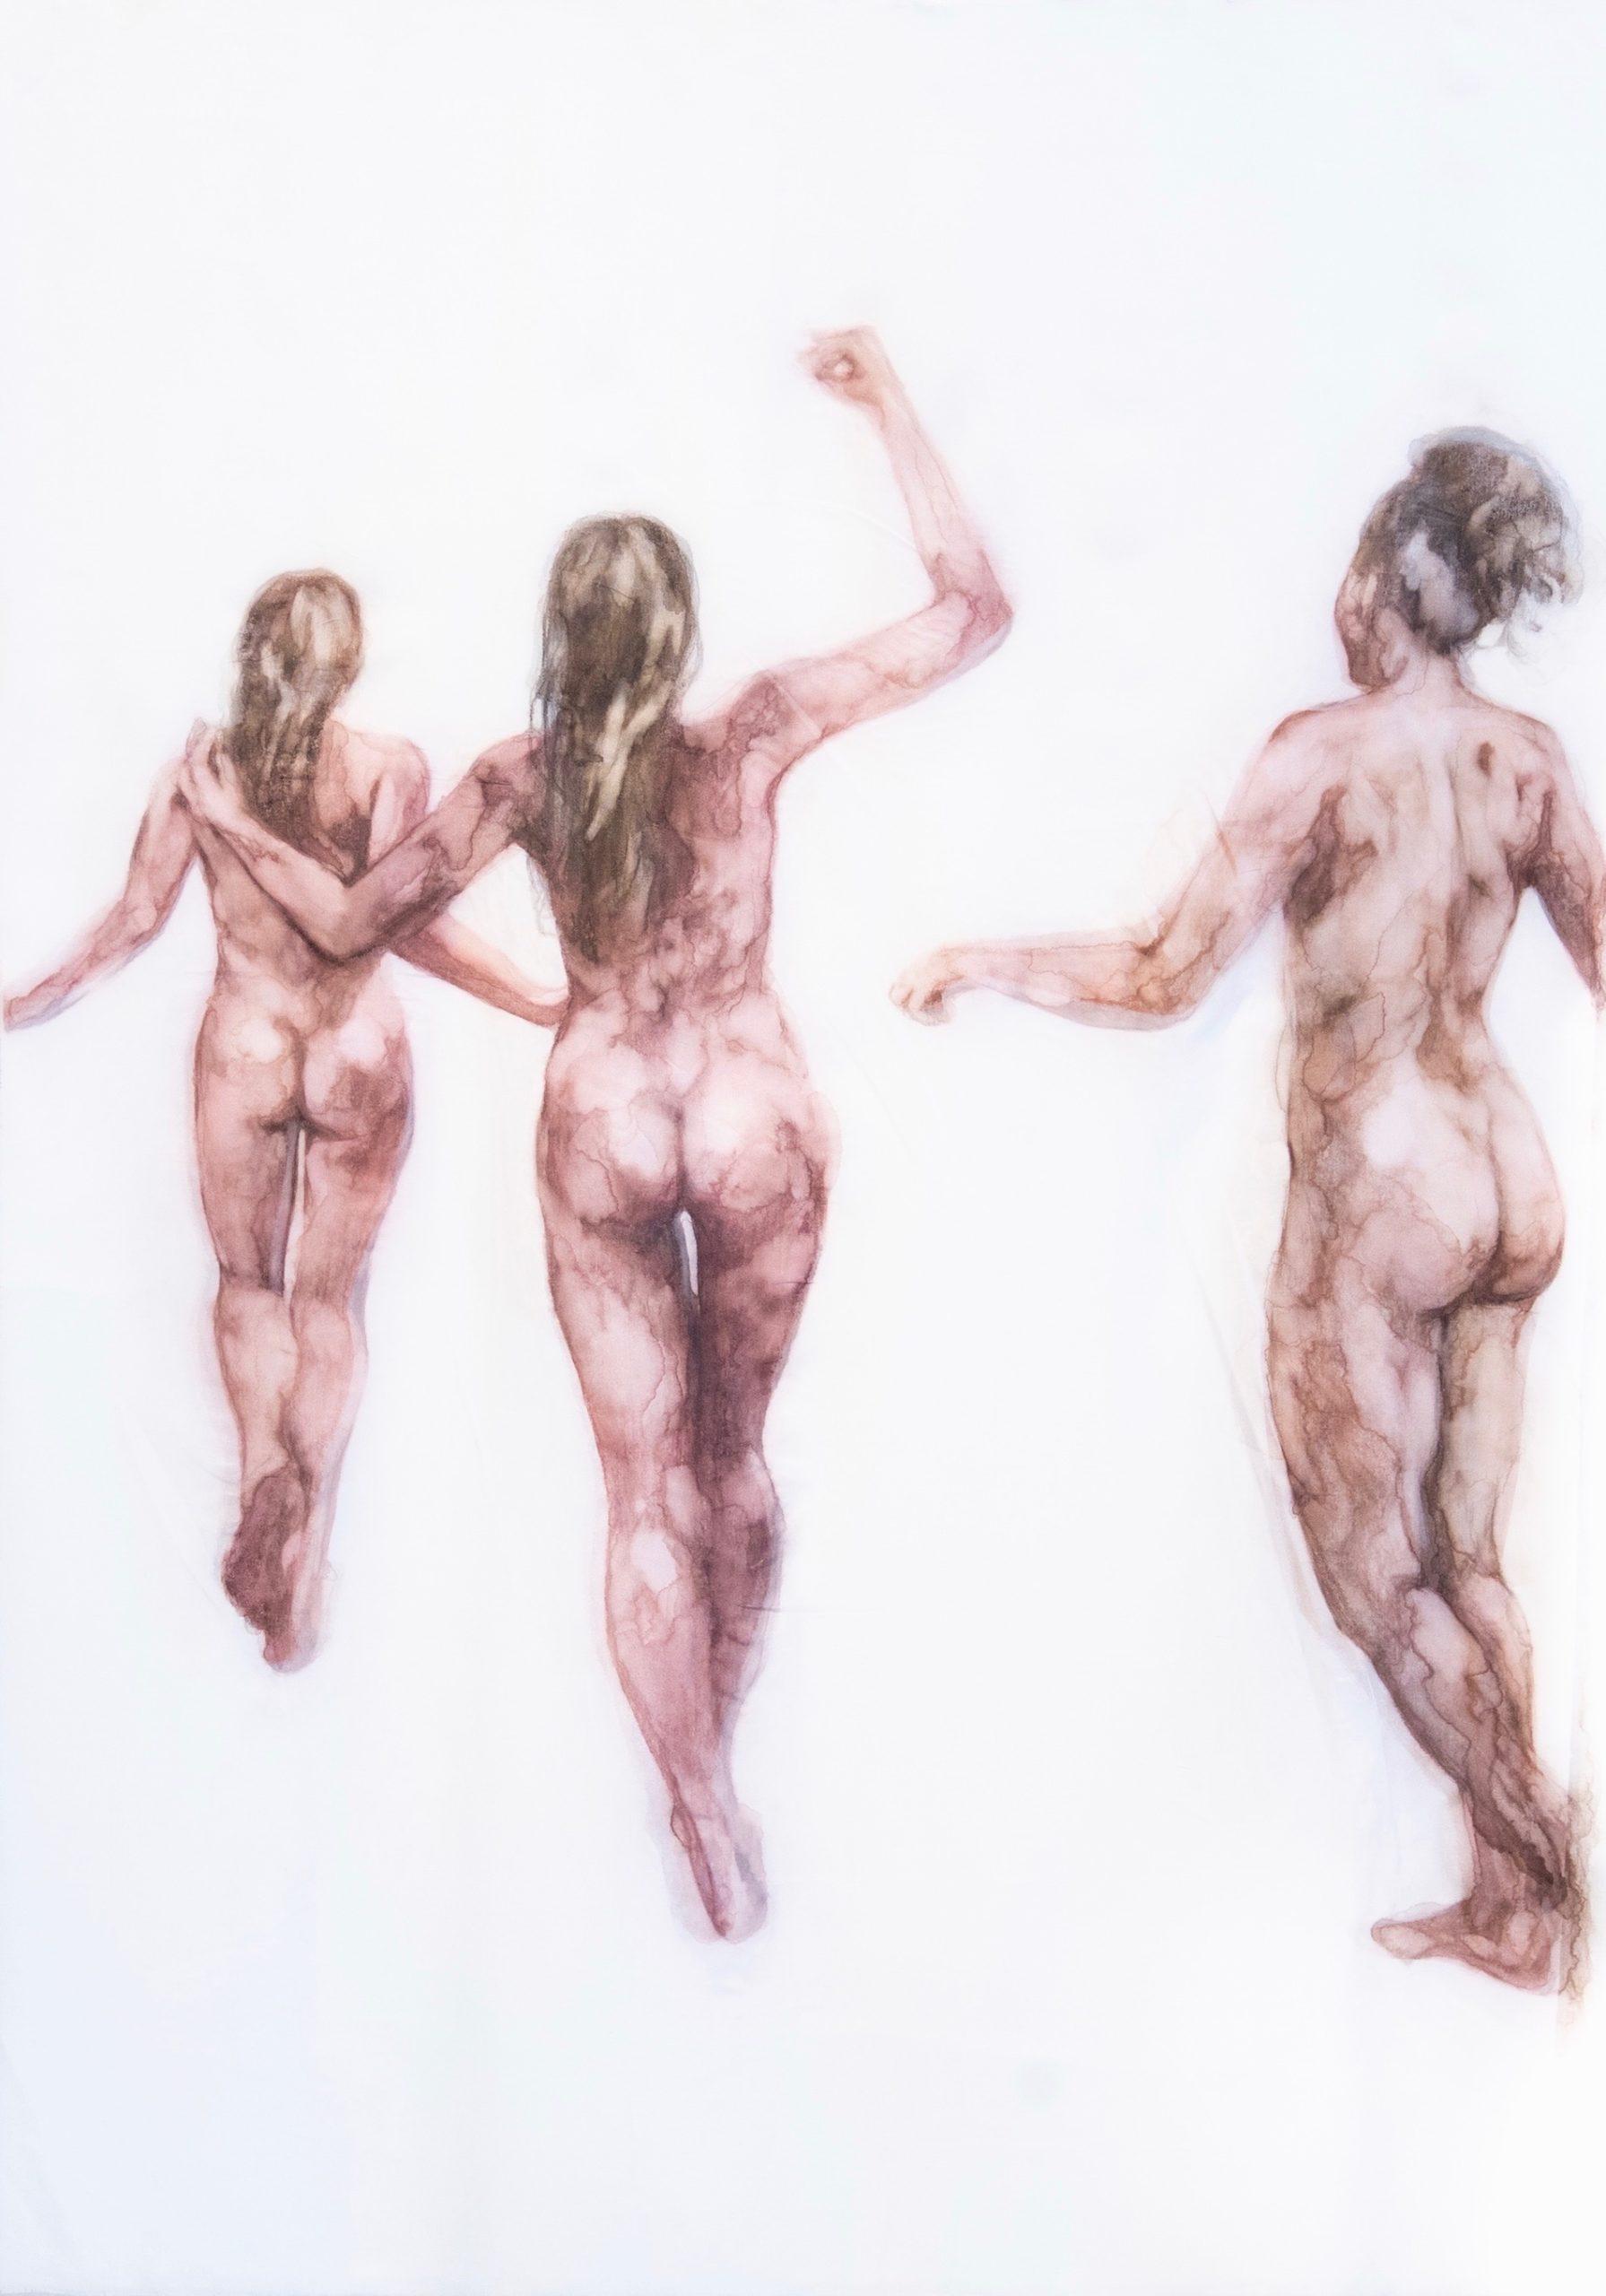 trois femmes nues de dos qui dansent